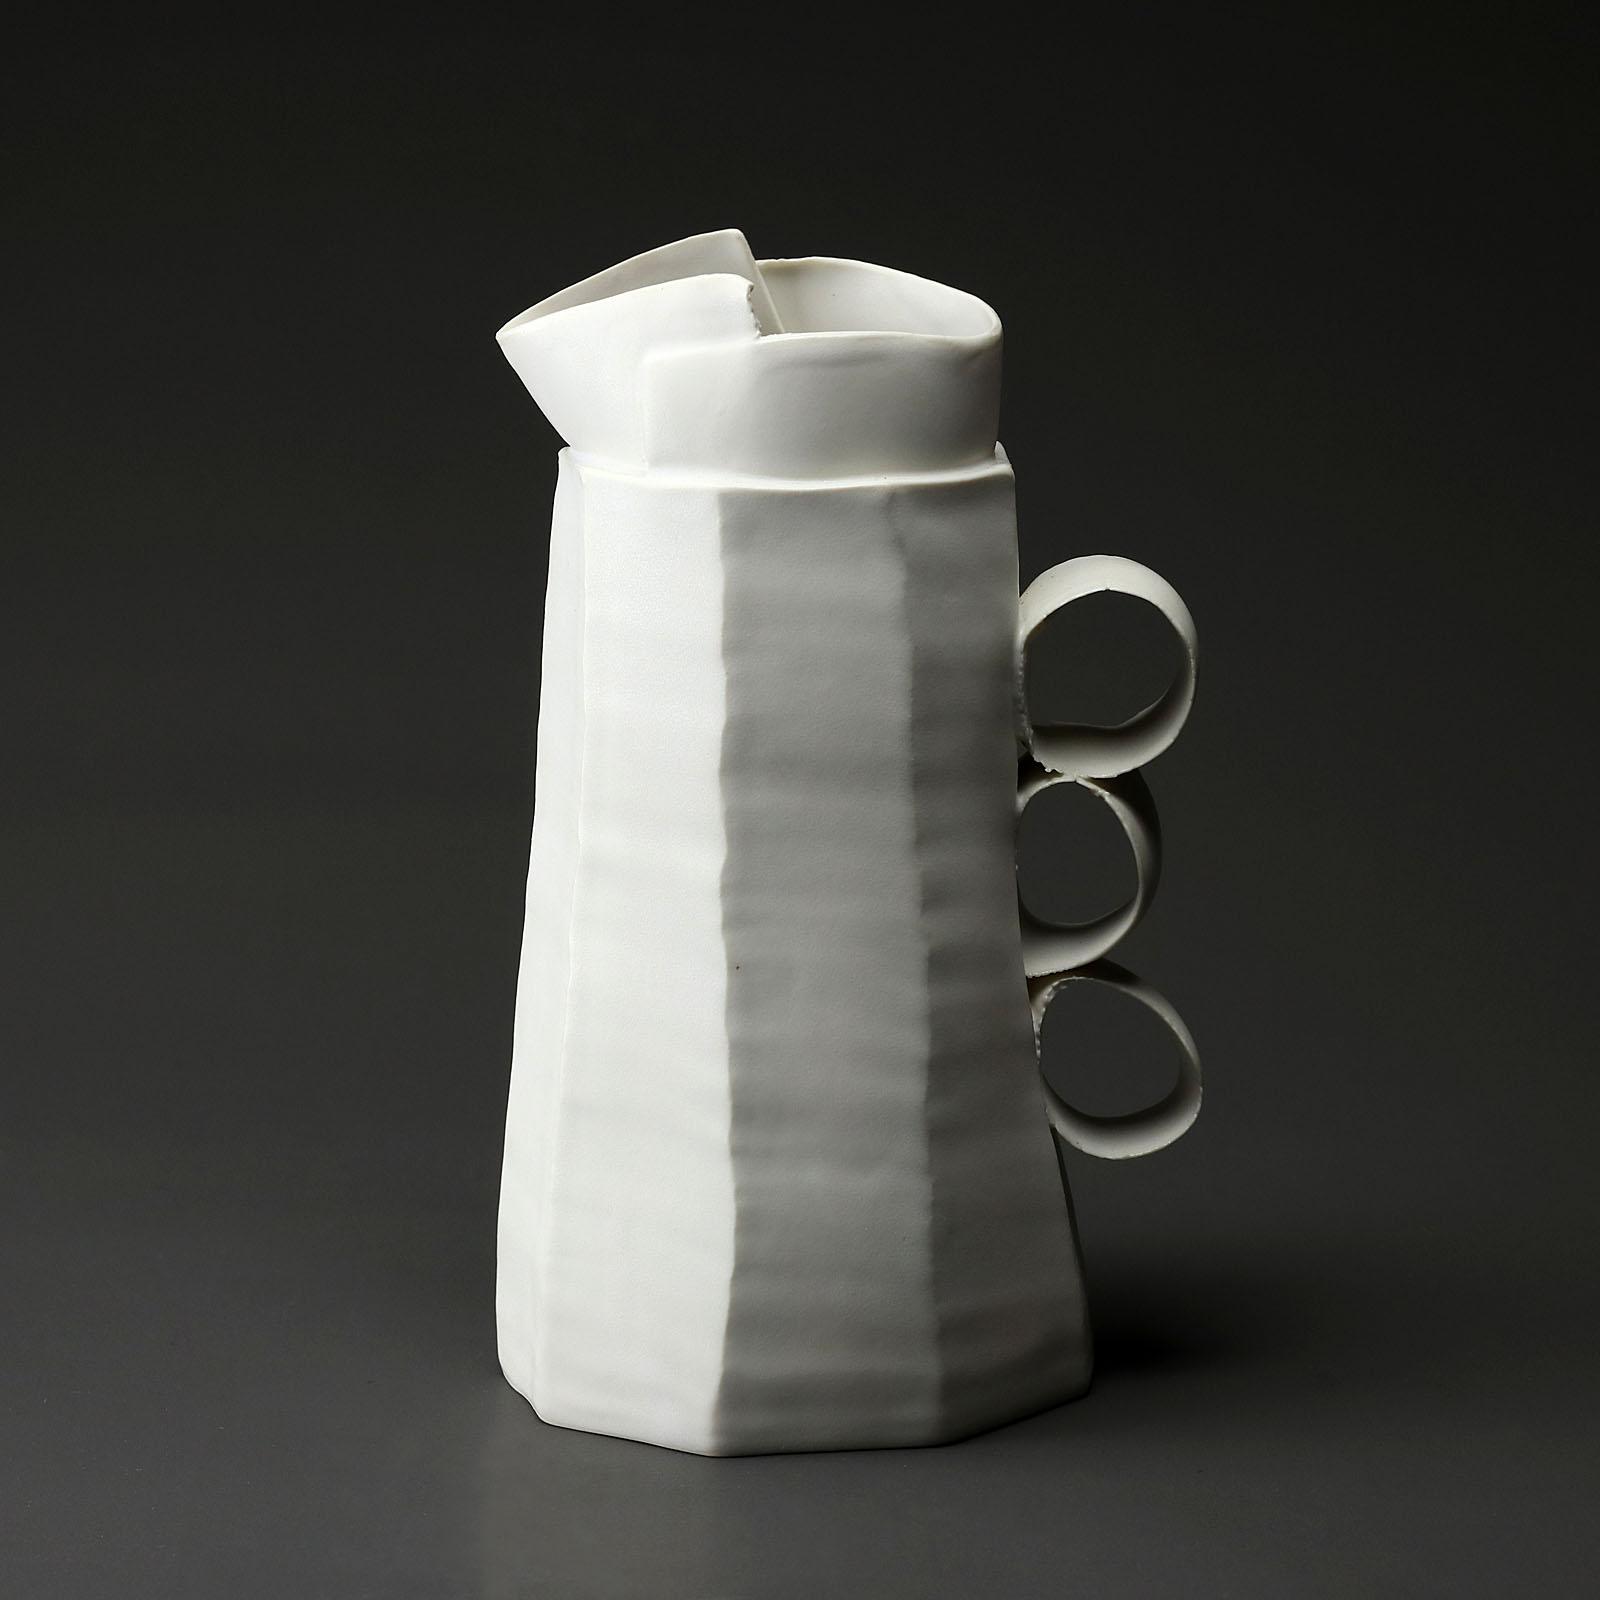 carafe co 965 en céramique, porcelaine émaillée blanc